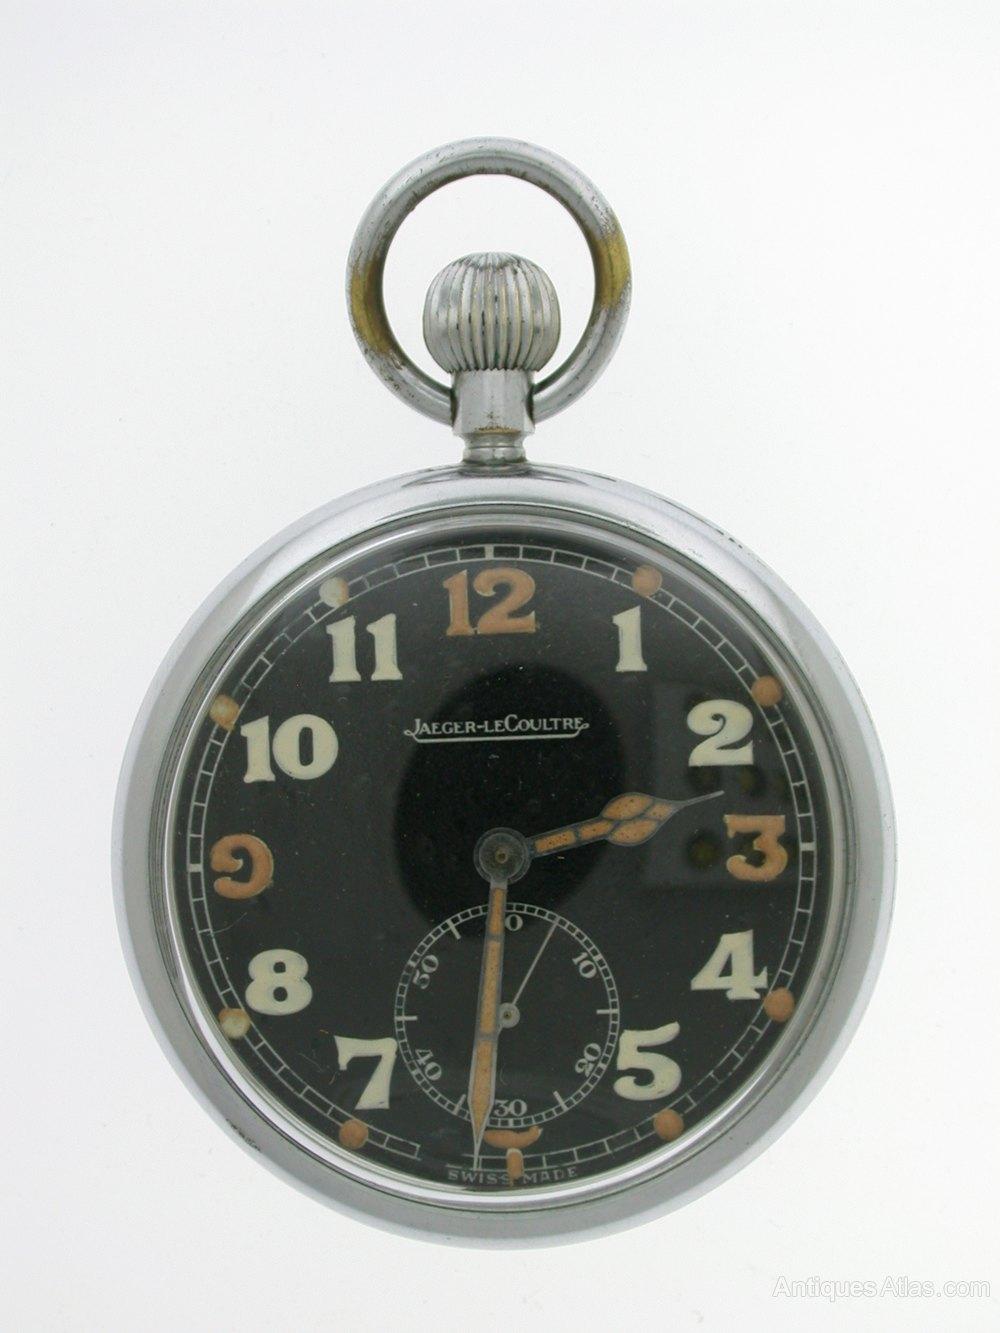 0ed2d61d0 Antiques Atlas - Original Jaeger LeCoultre Military Pocket Watch